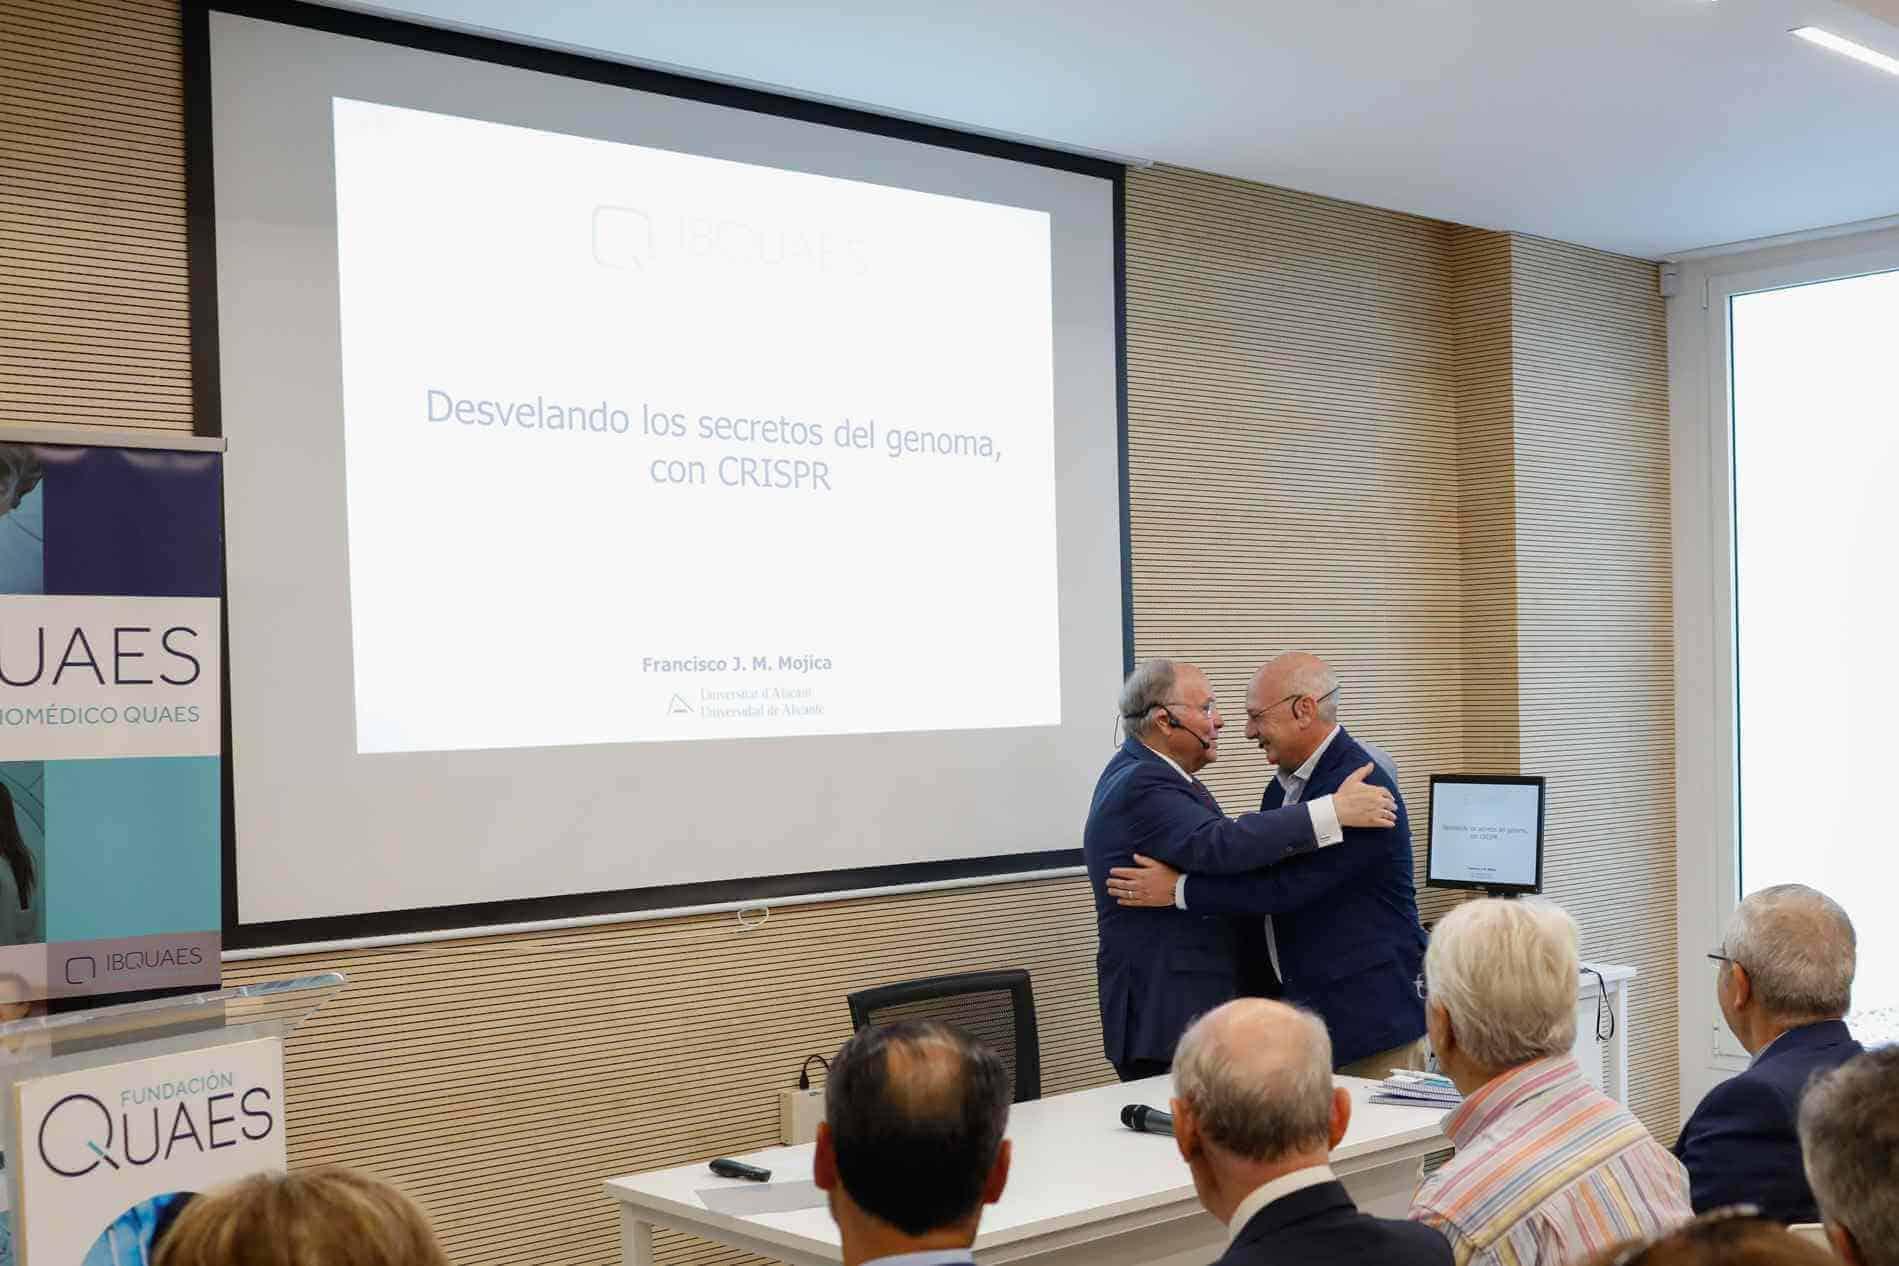 presentación ibquaes